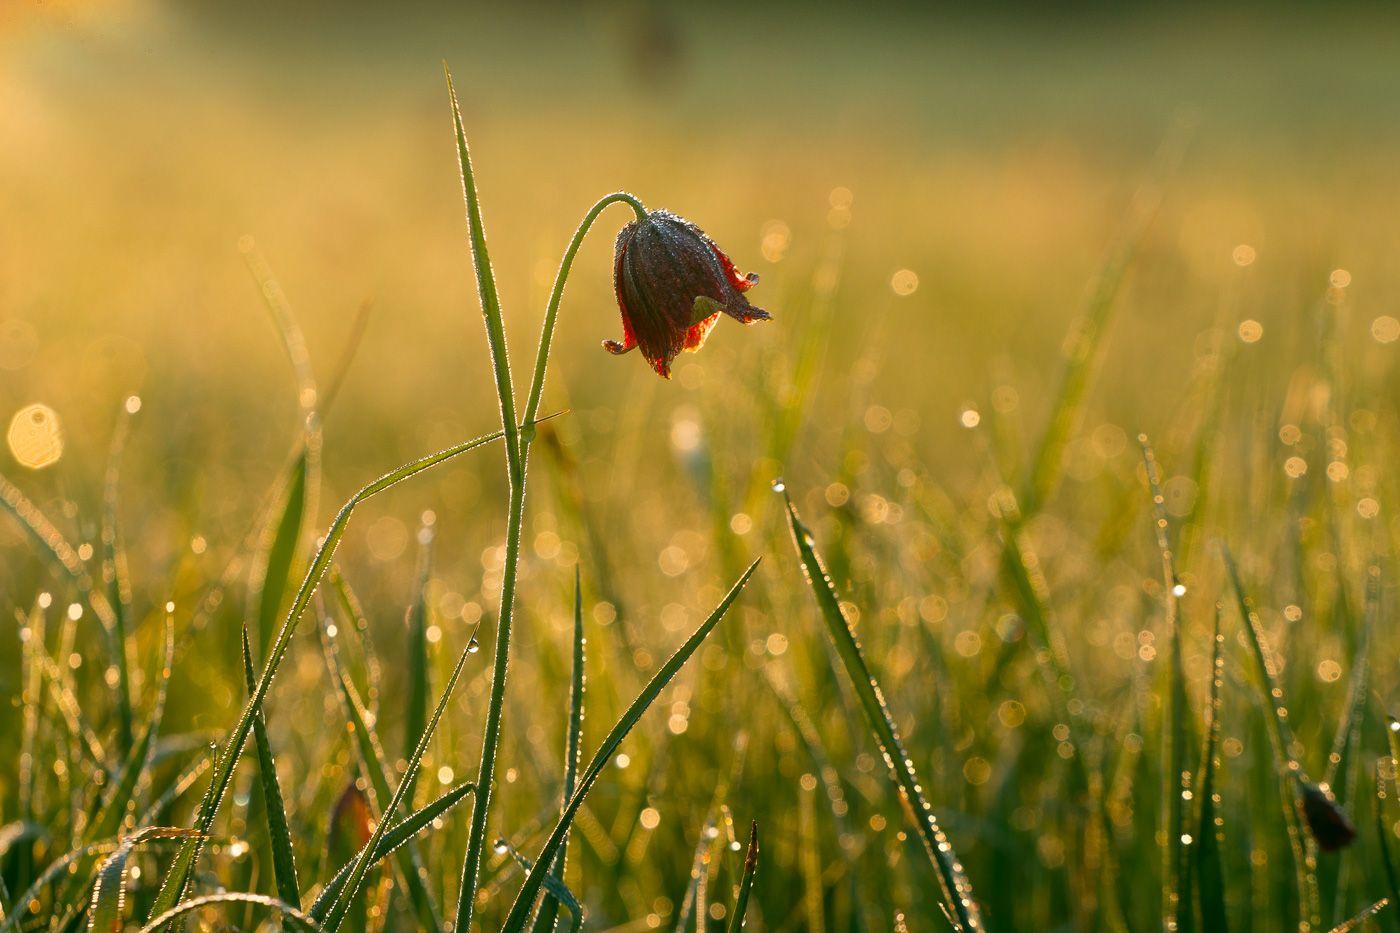 рябчик шахматовидный, первоцветы, цветы, flowers, primulas, fritillaria meleagroides, Юденков Алексей